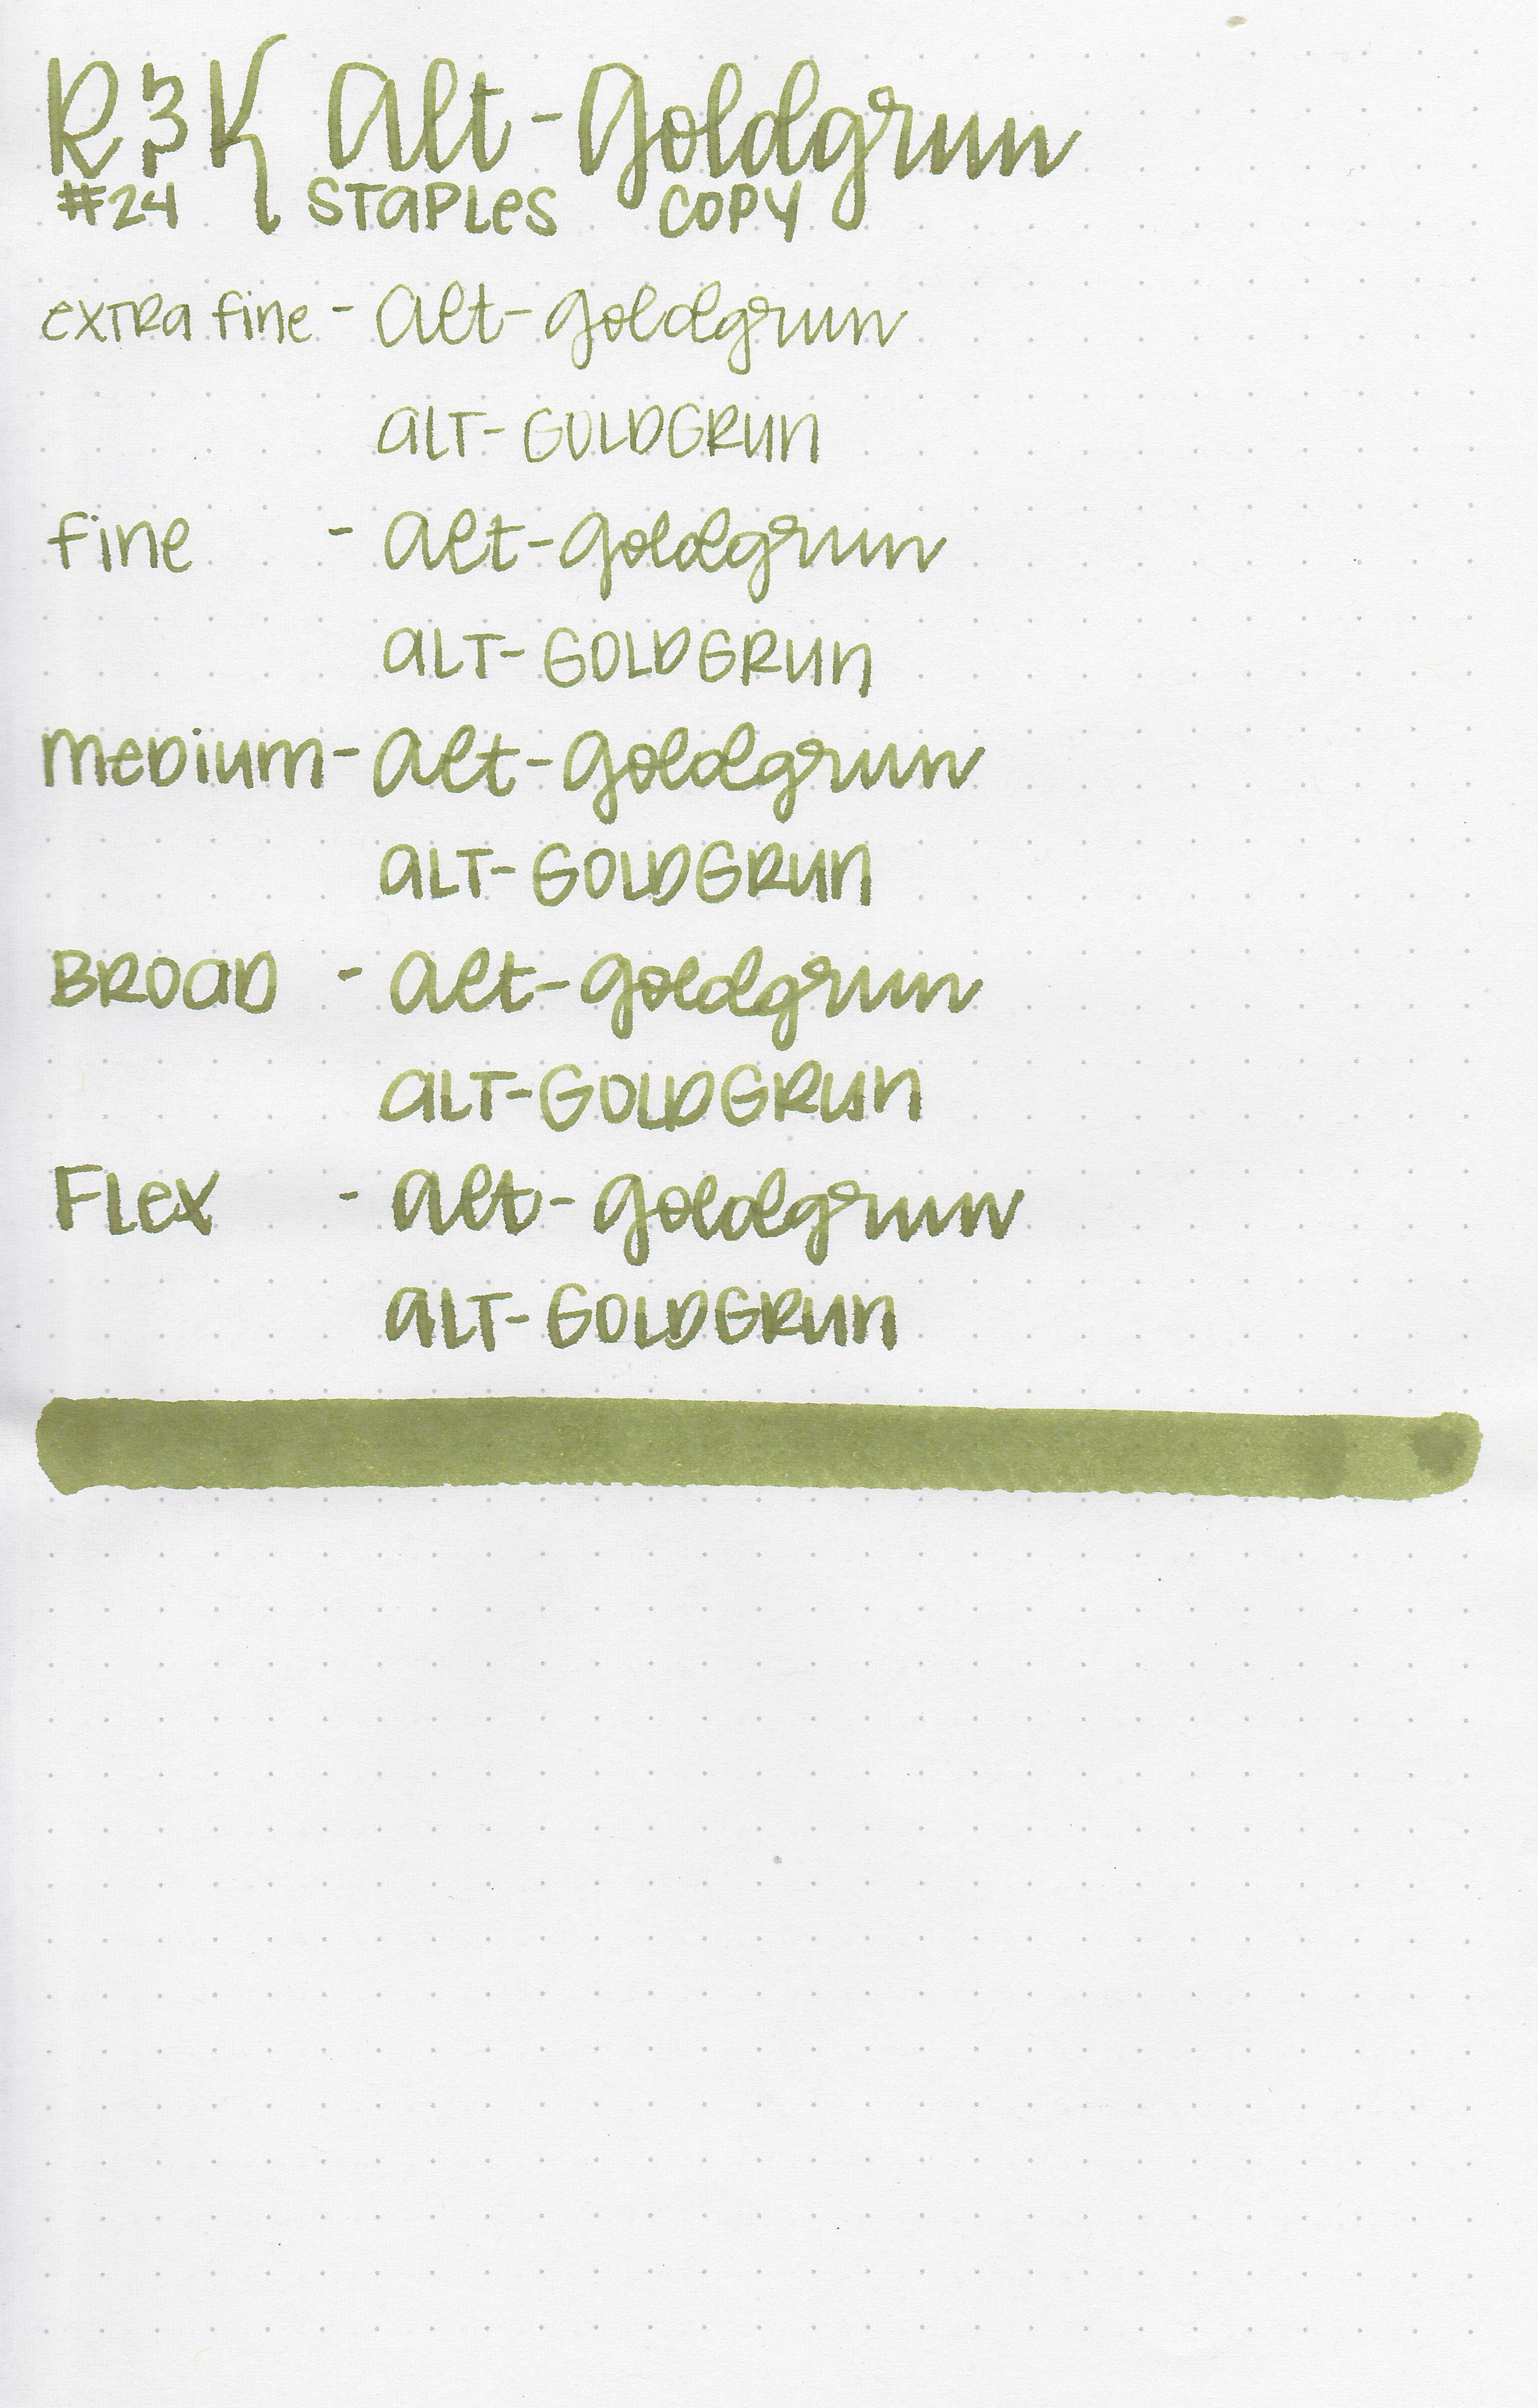 rk-alt-goldgrun-11.jpg